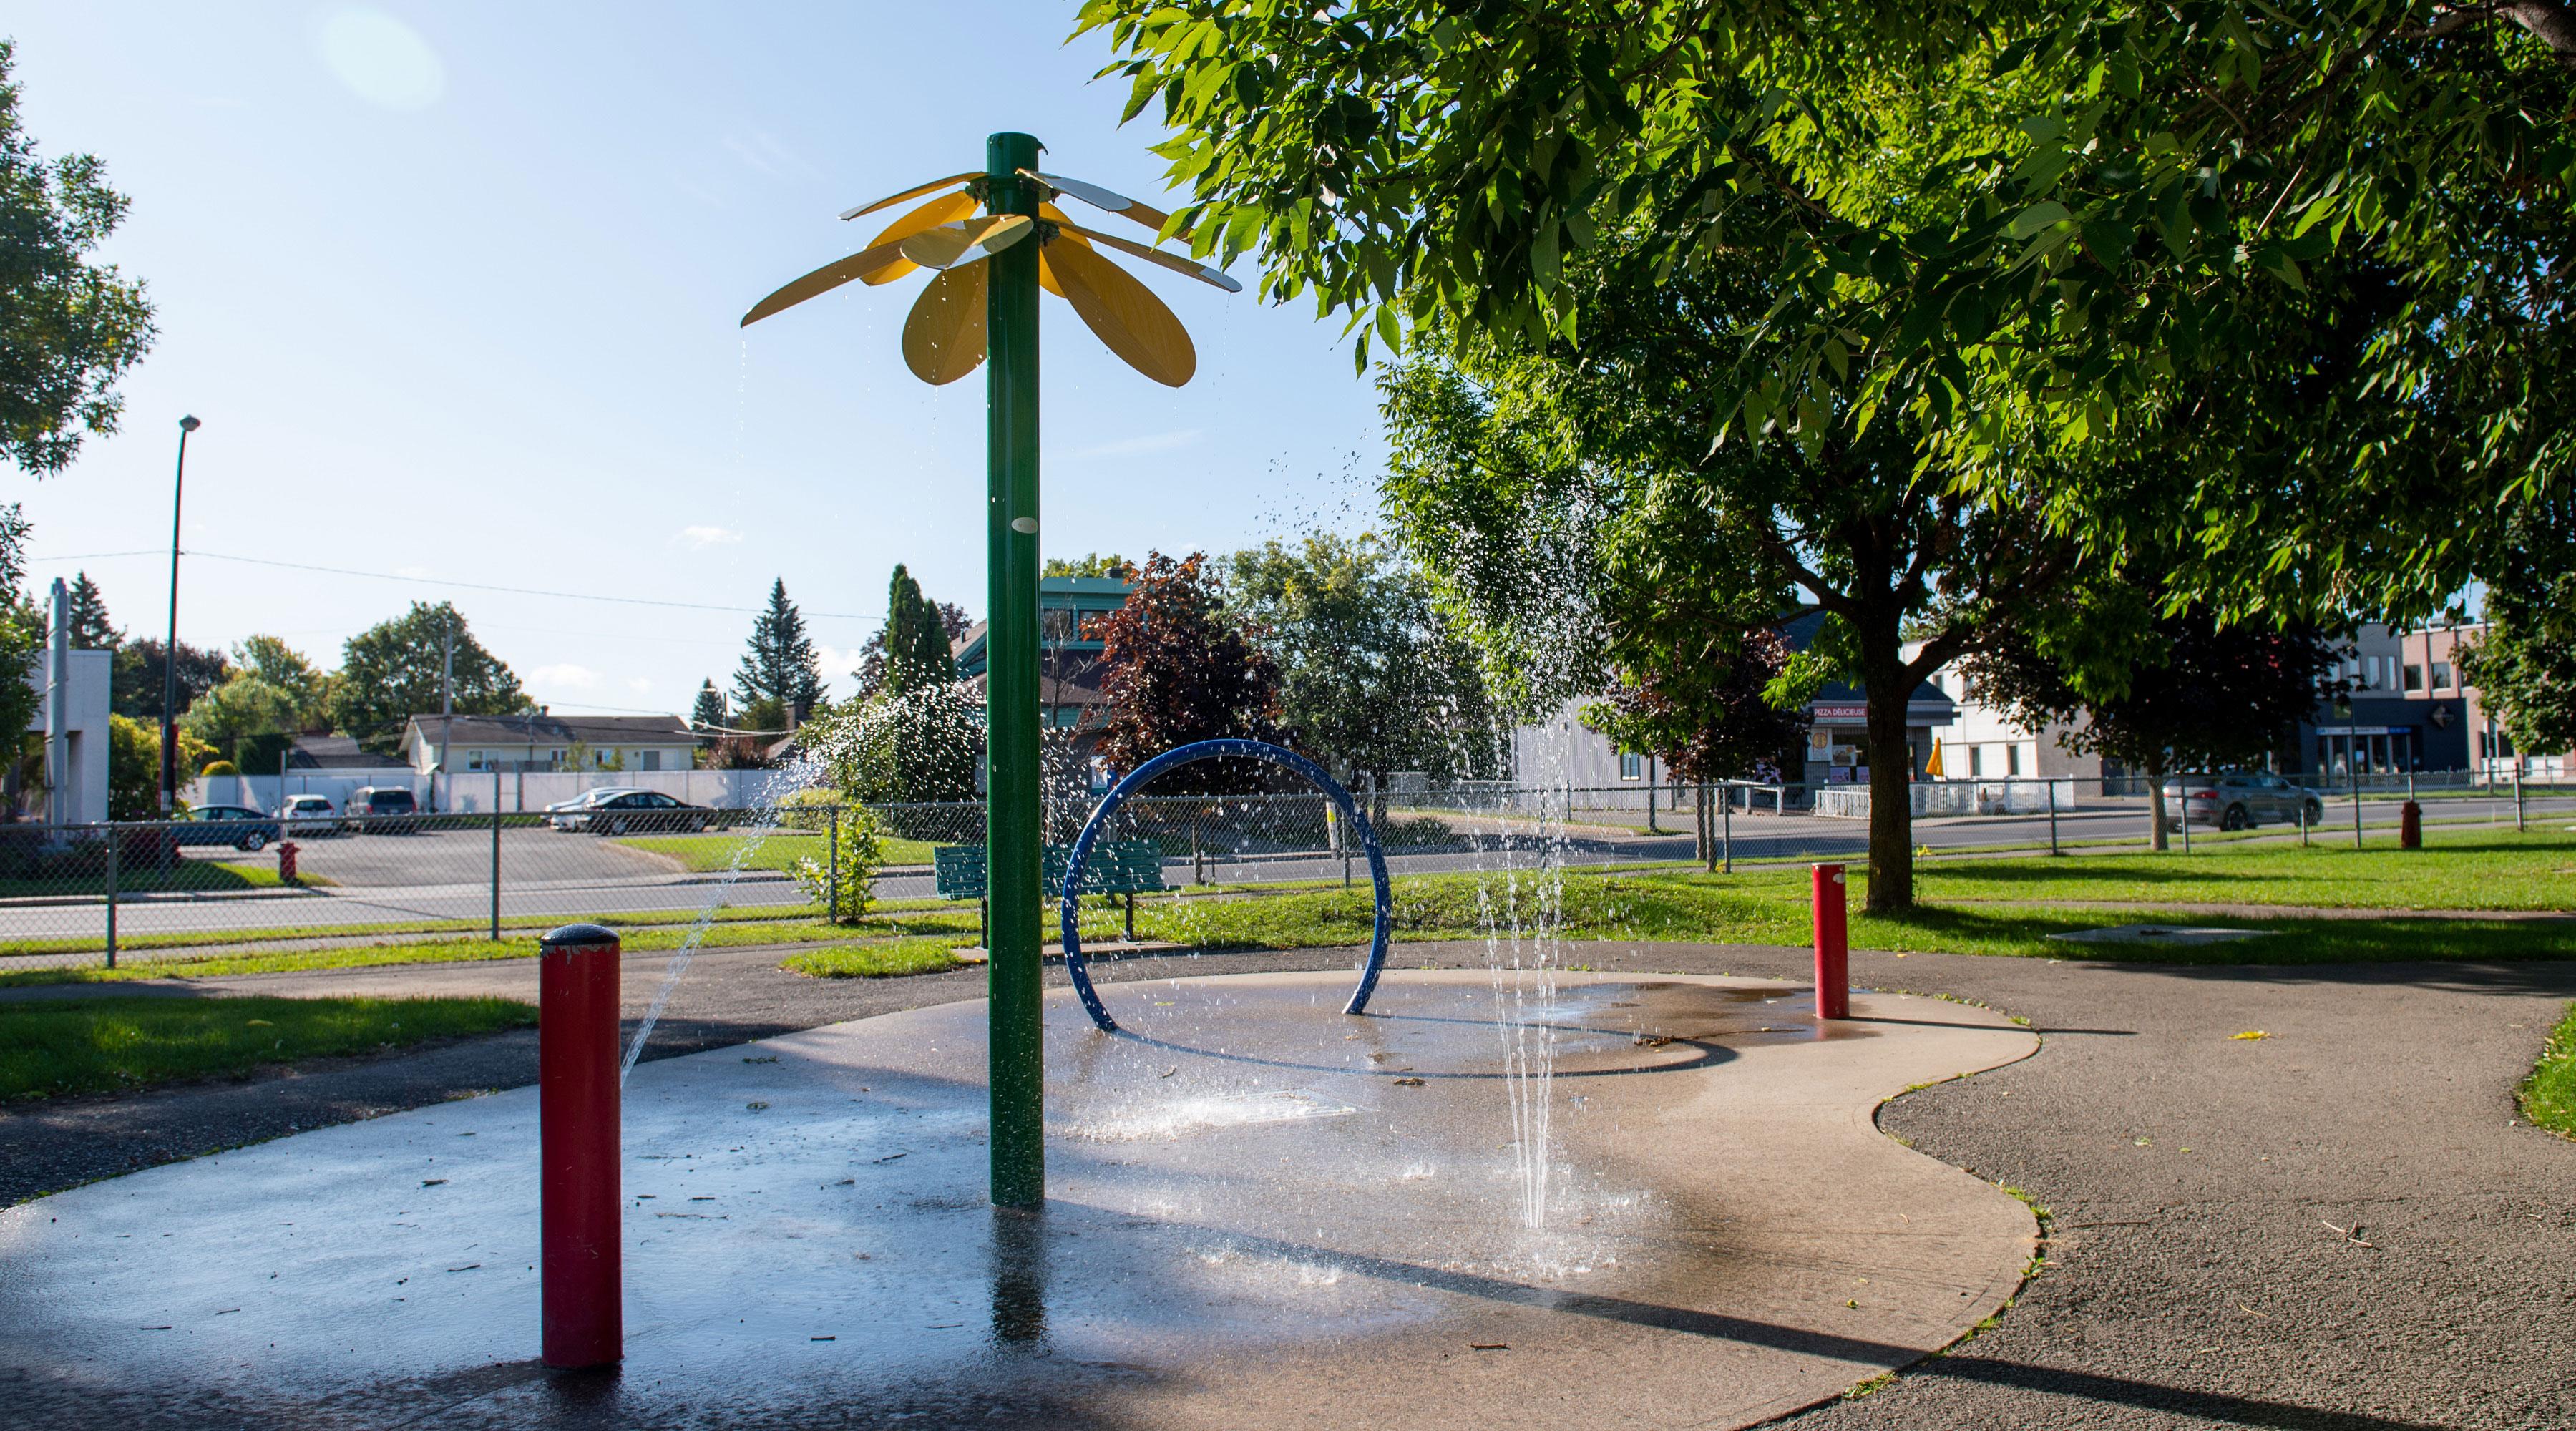 Ville de saint-Eustache - Fermeture des jeux d'eau dans les parcs à compter du 27 septembre 2021